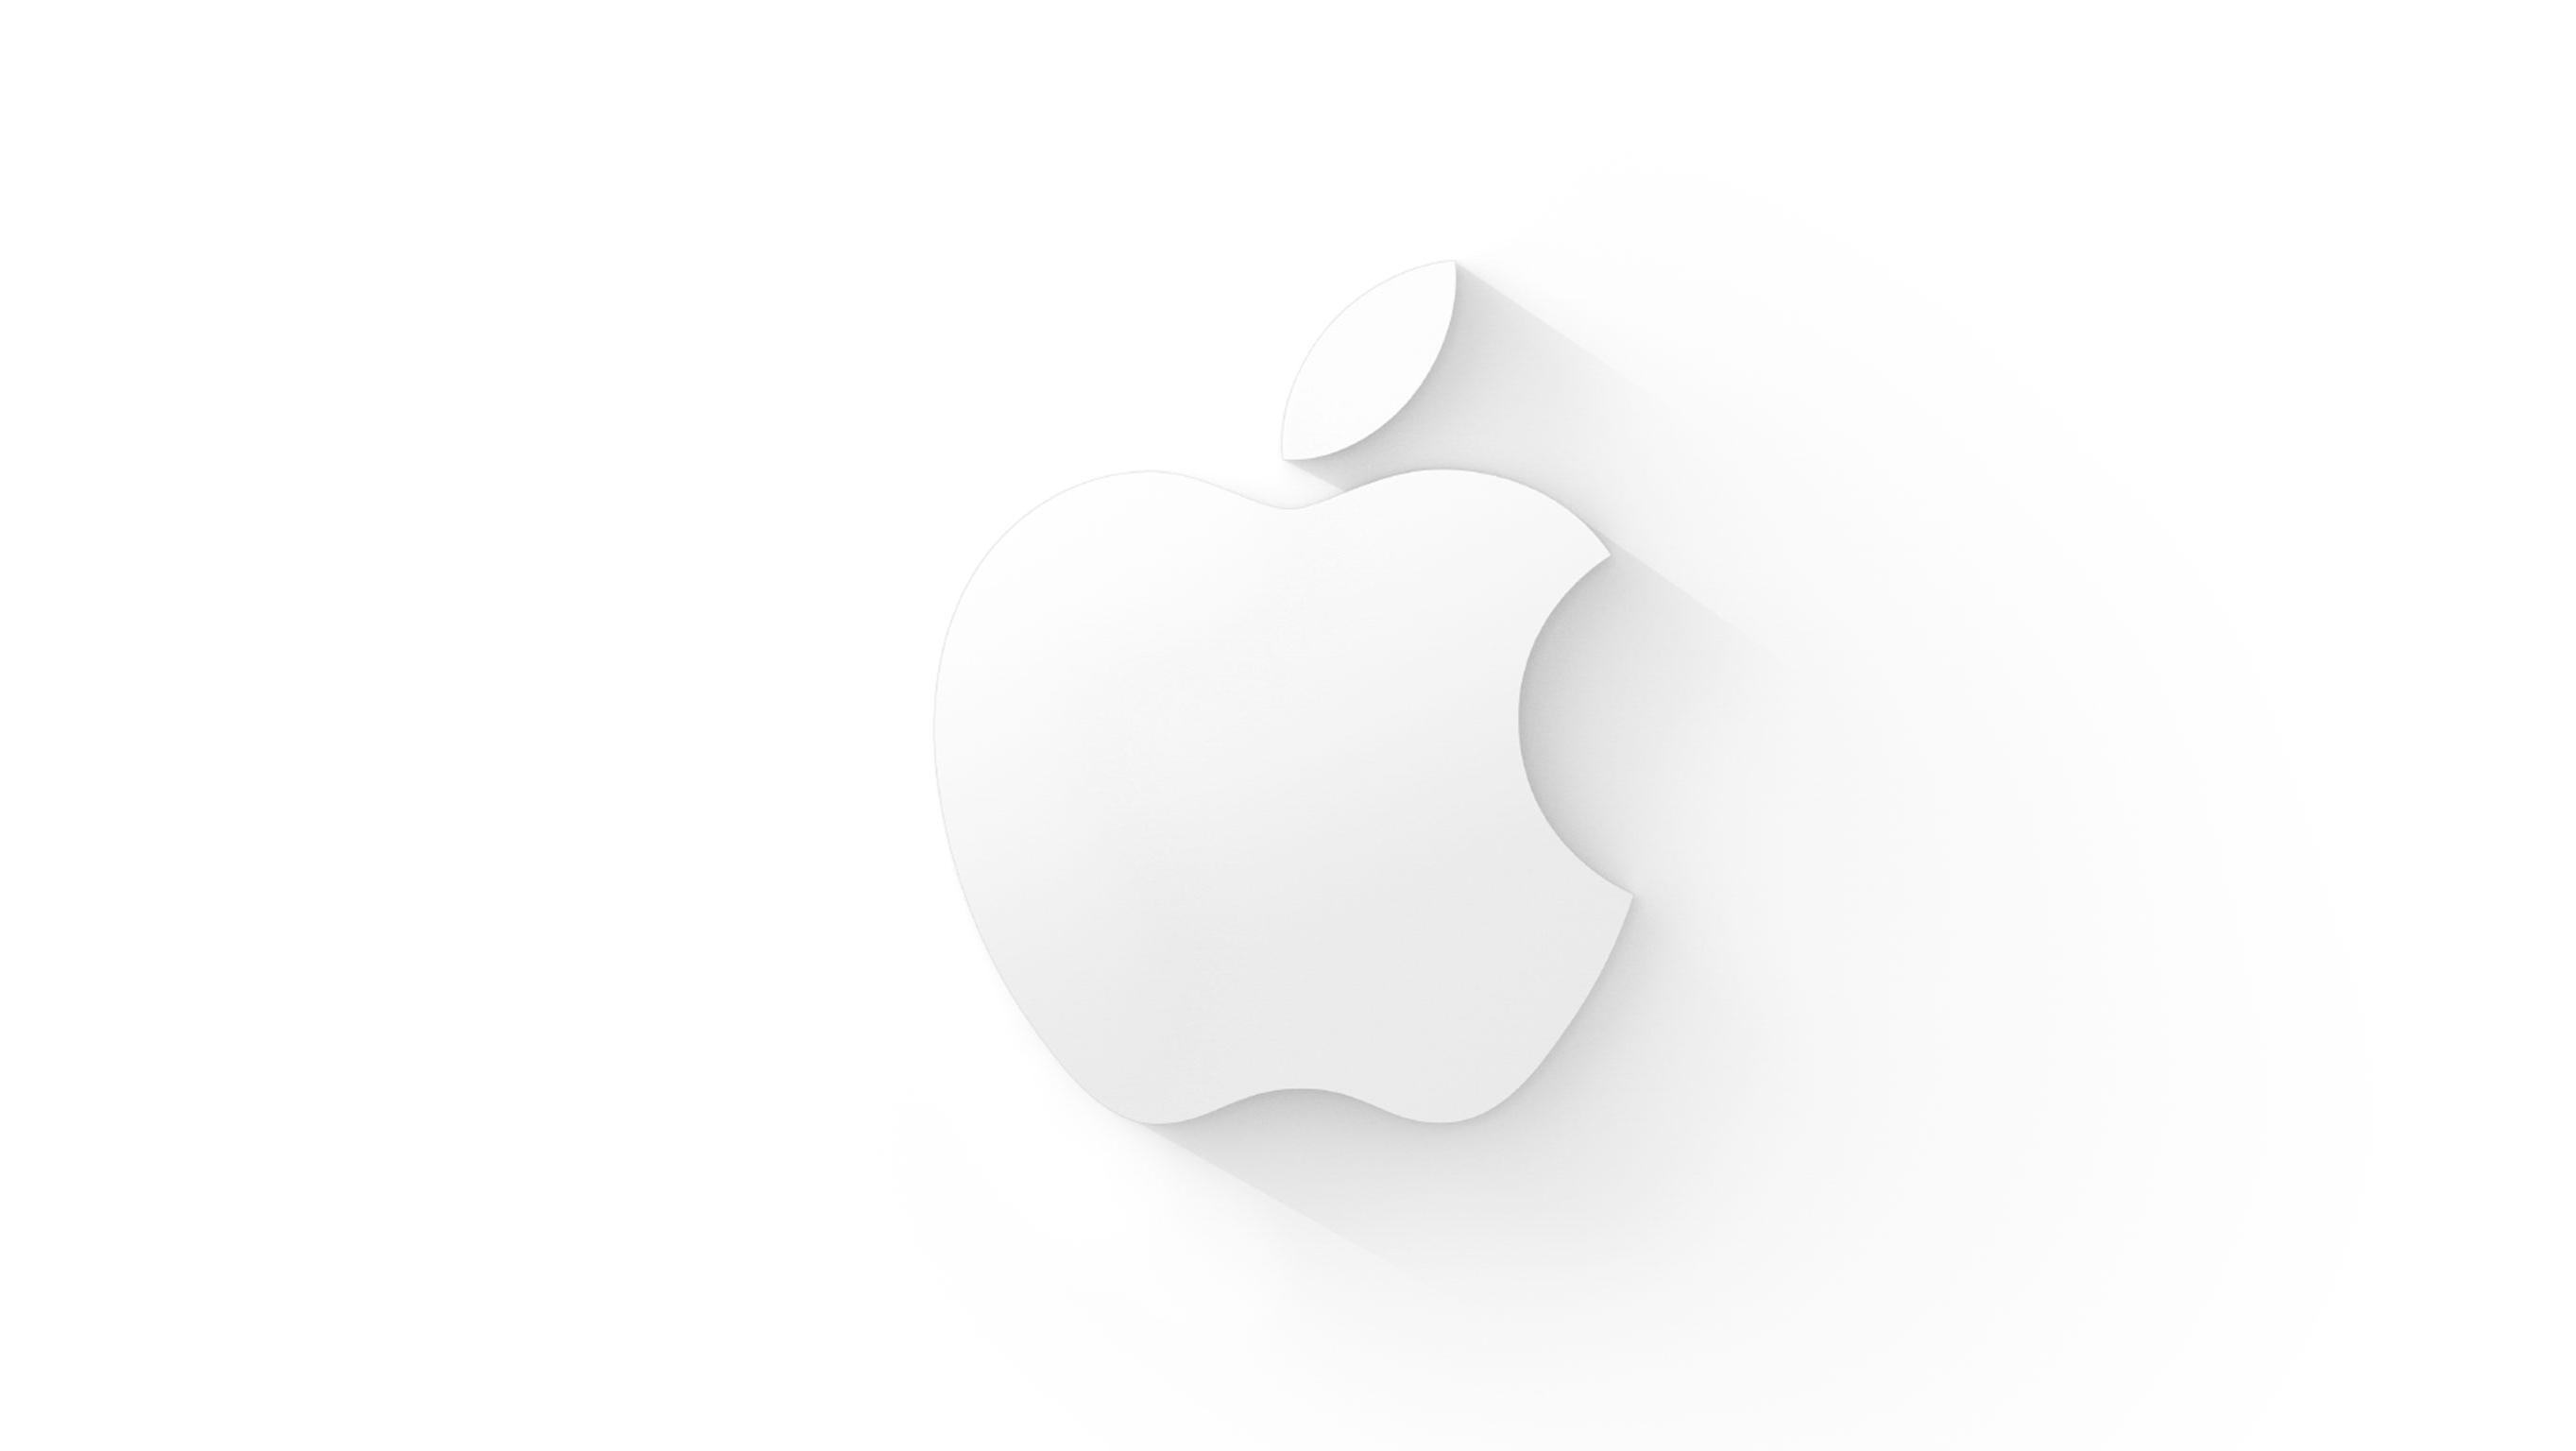 Logo da Apple branco em fundo claro